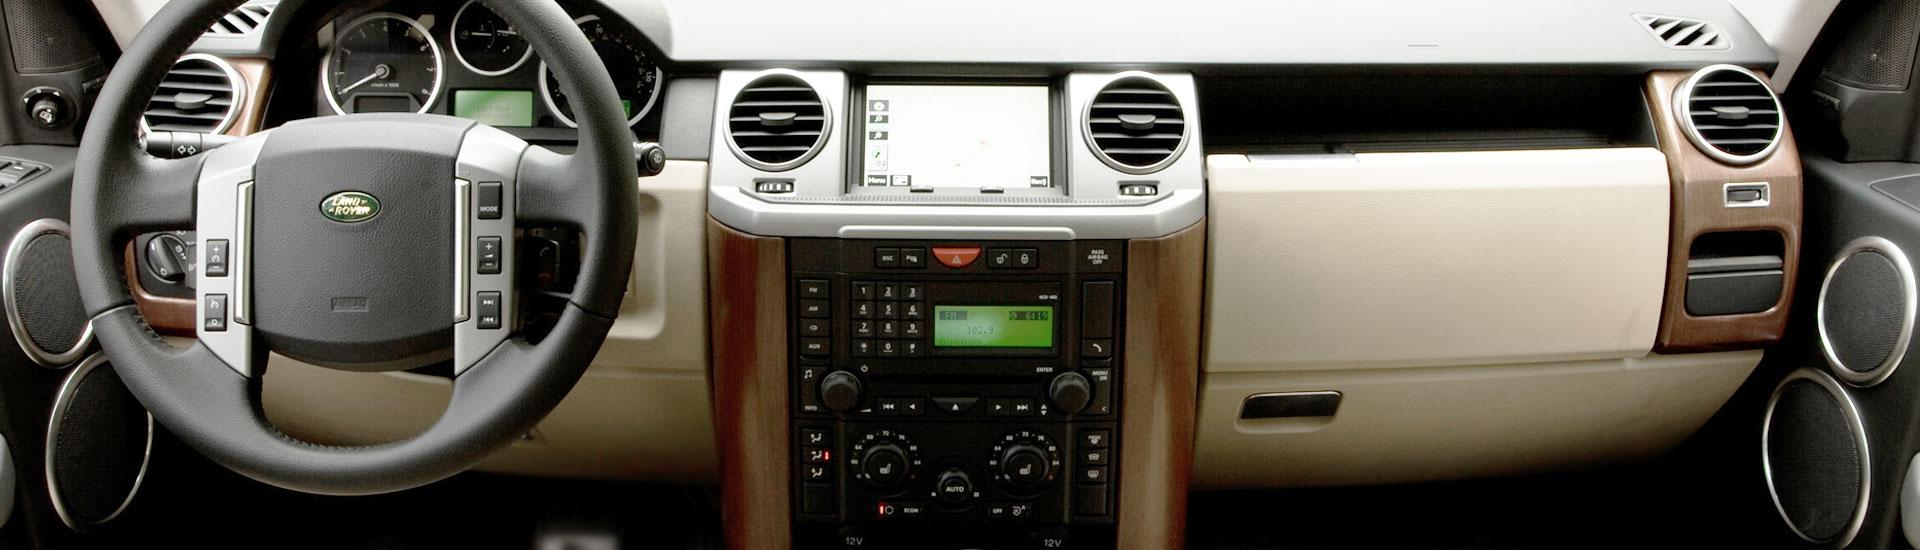 Land Rover LR3 Dash Kits | Custom Land Rover LR3 Dash Kit